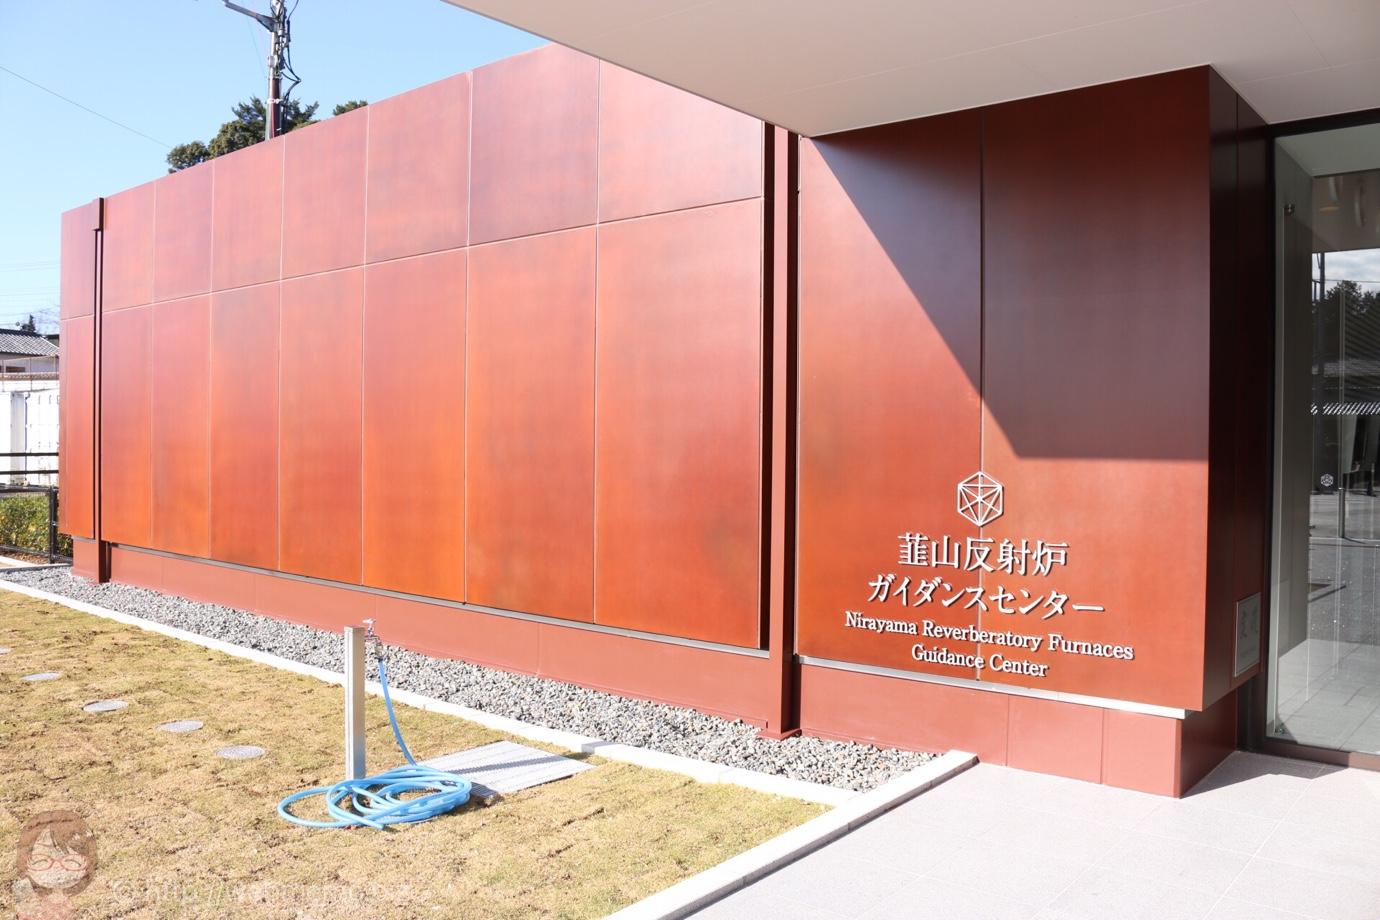 韮山反射炉ガイダンスセンター